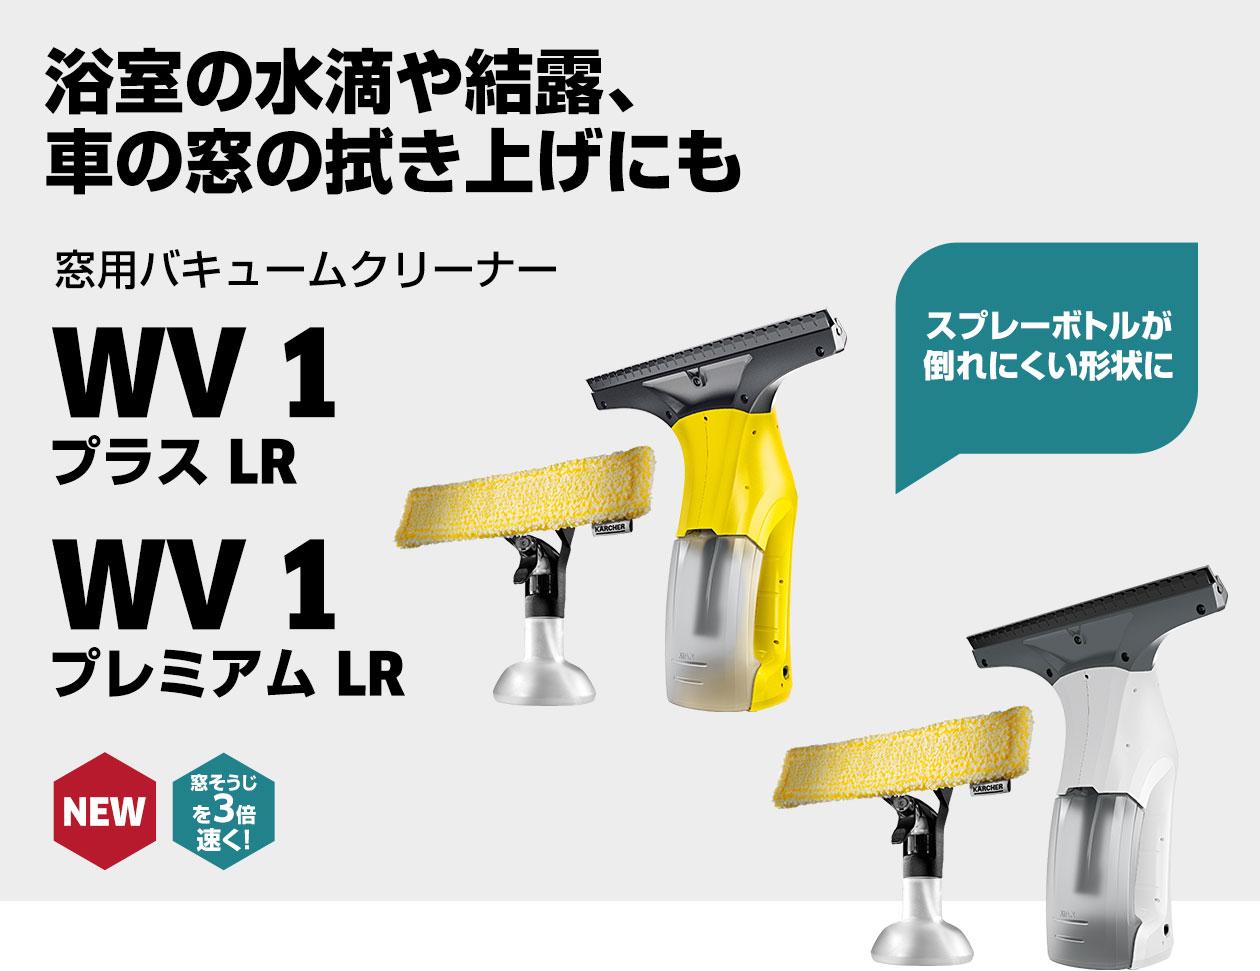 窓用バキュームクリーナー WV 1 新製品